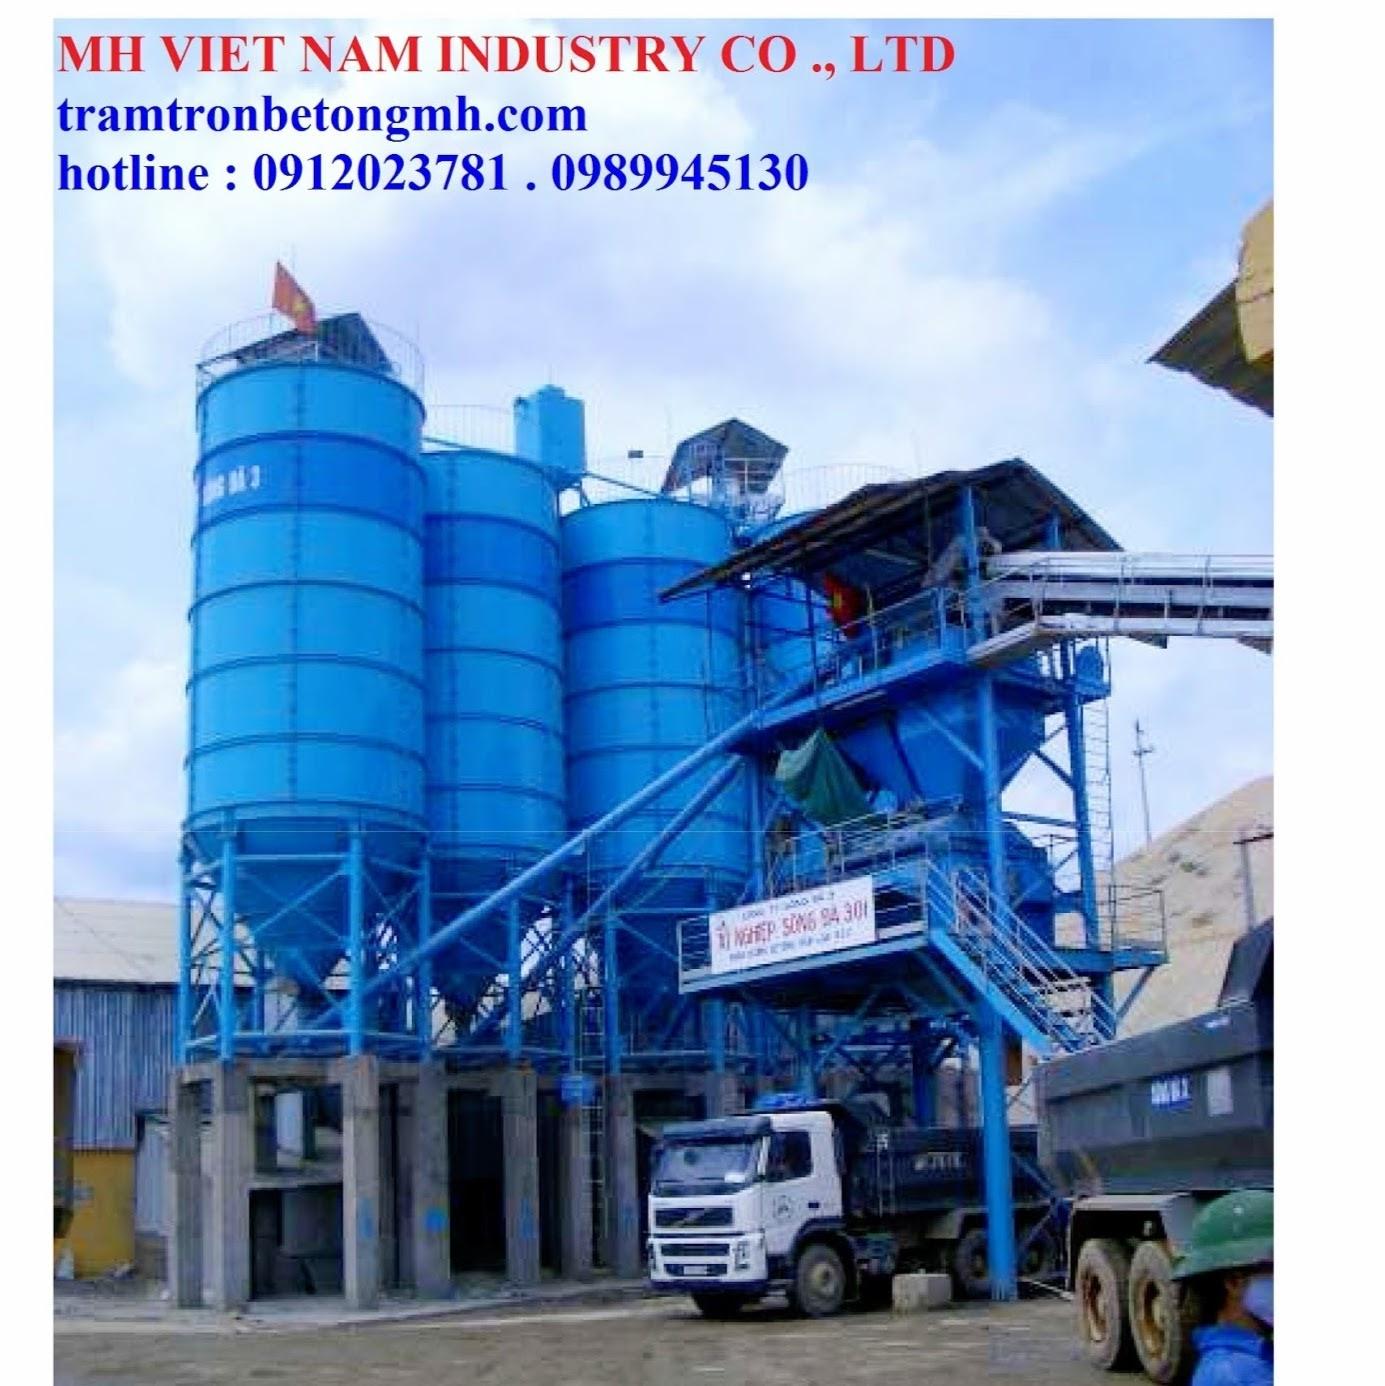 Công ty TNHH công nghiệp MH Việt Nam